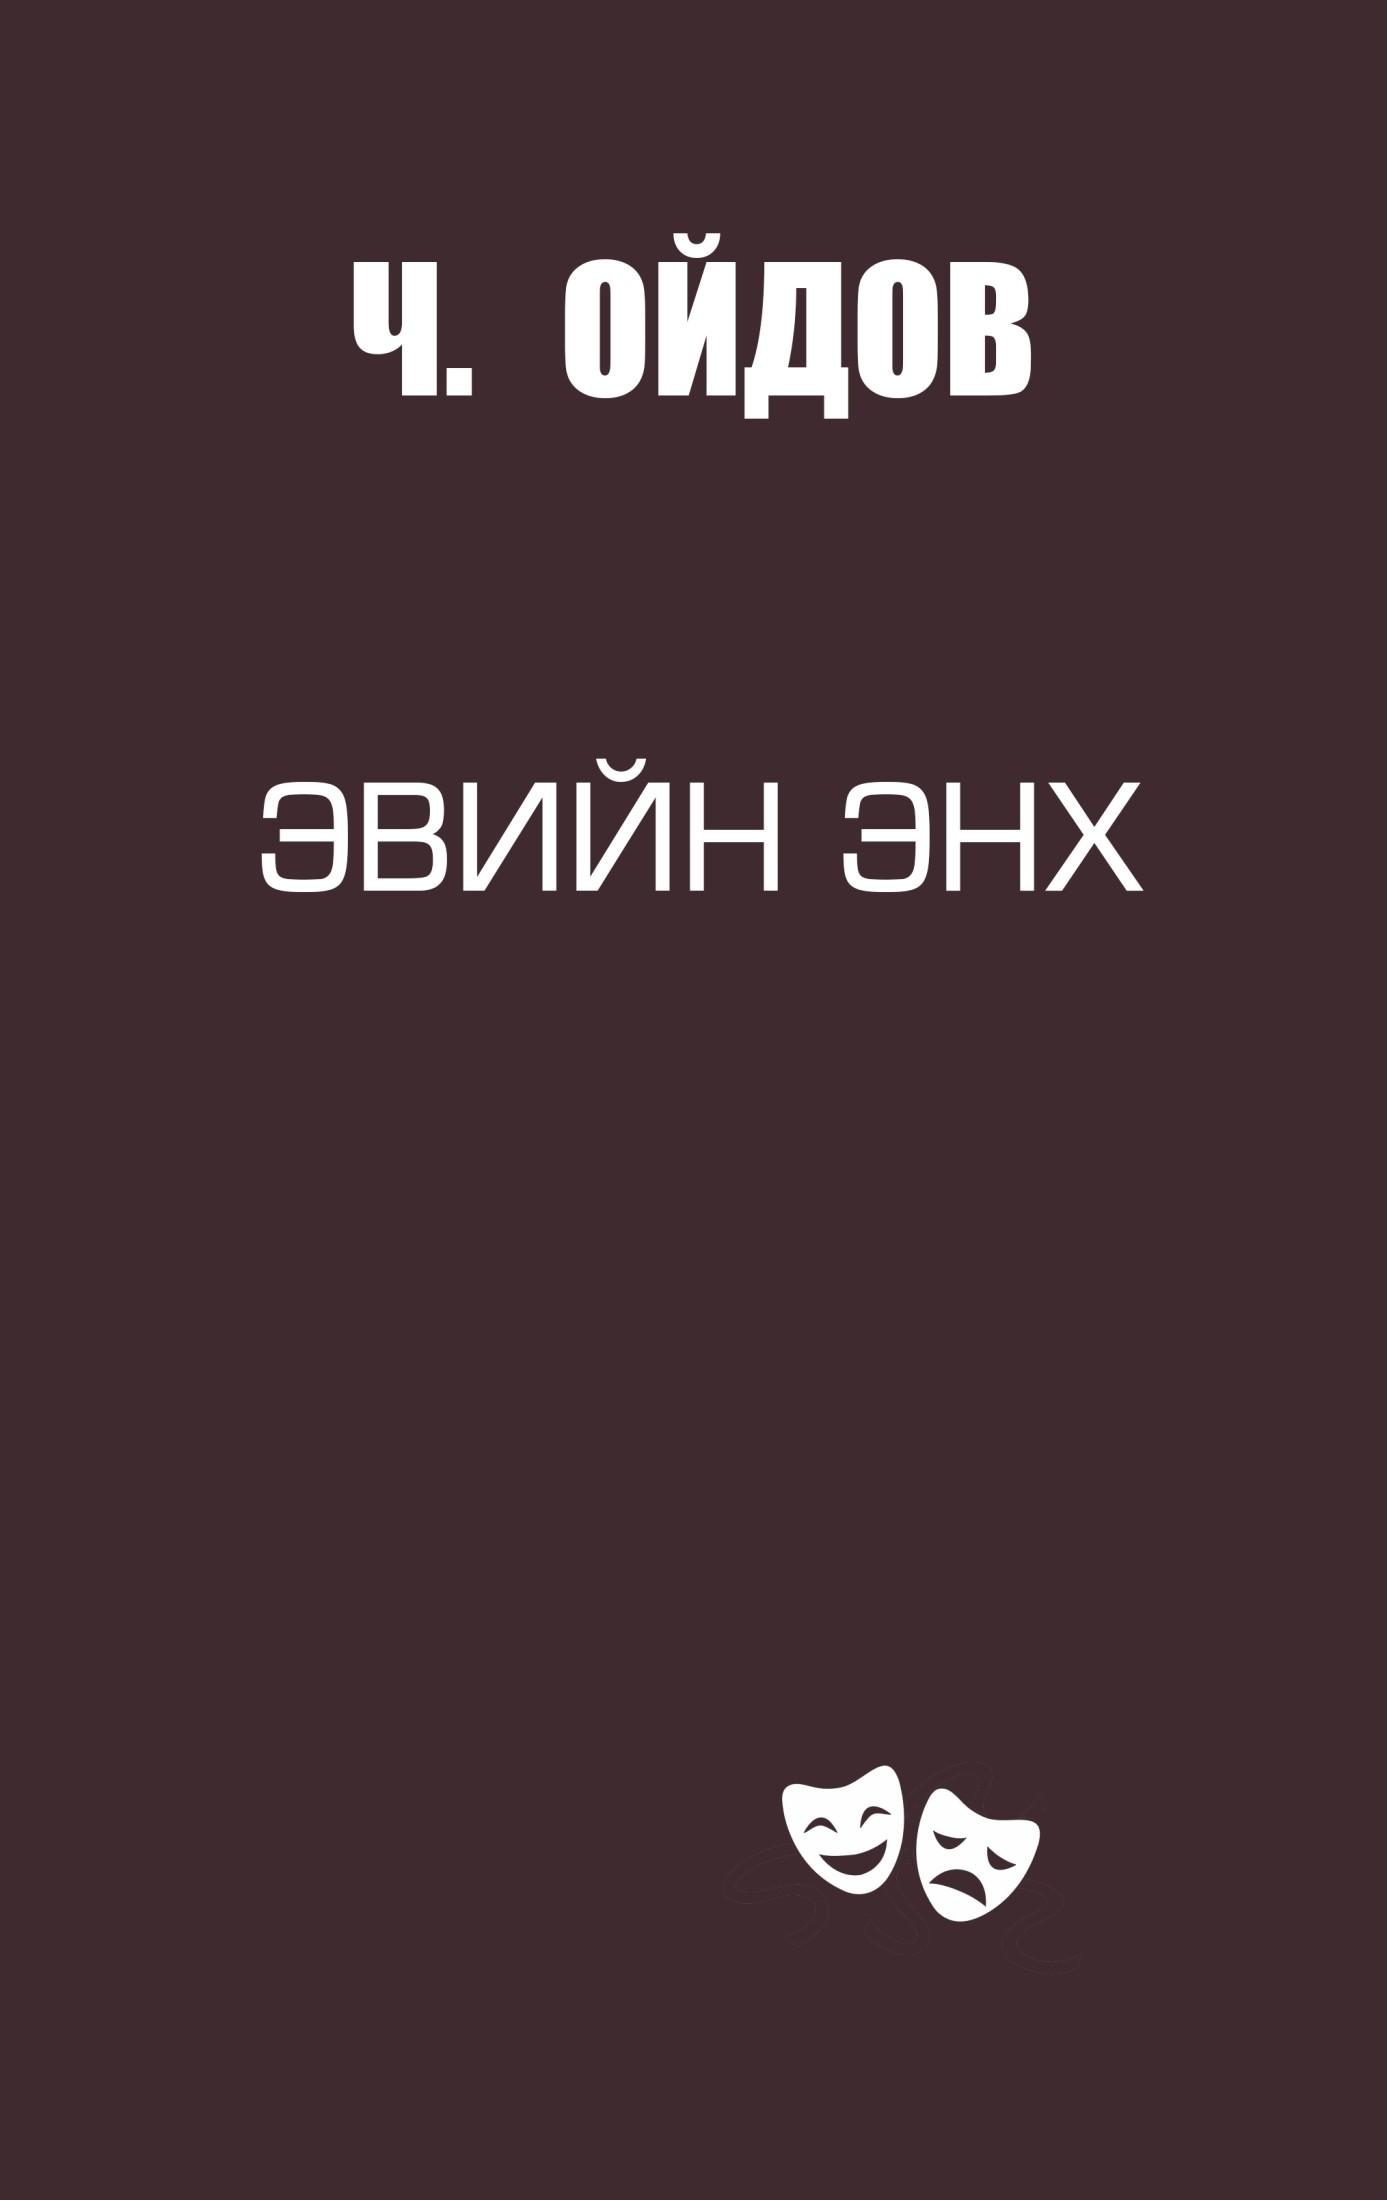 ЭВИЙН ЭНХ